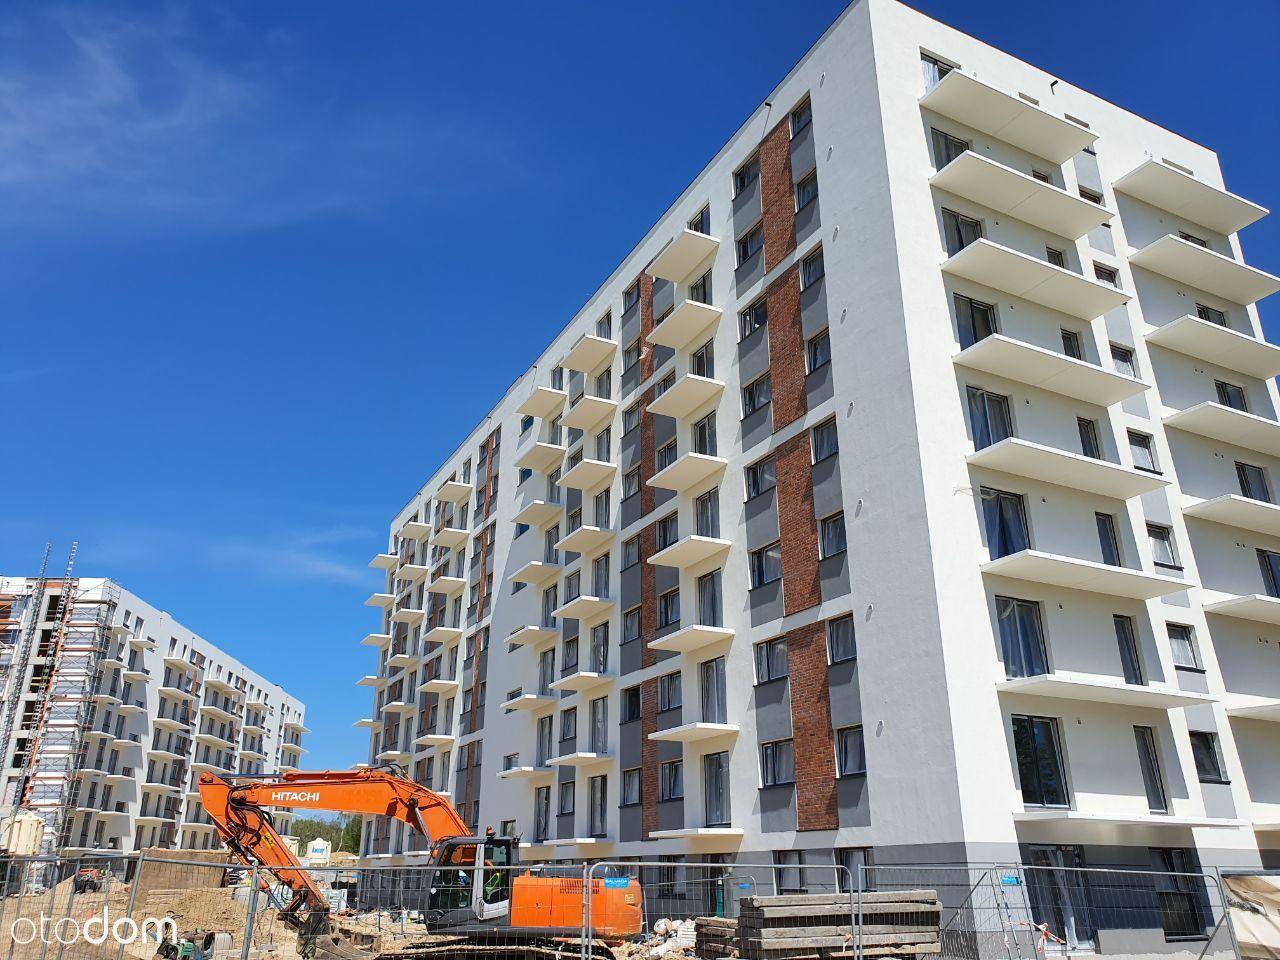 WRZESIEŃ 21|2km szpital CKD|2.6km WPiA|balkon 4.5m